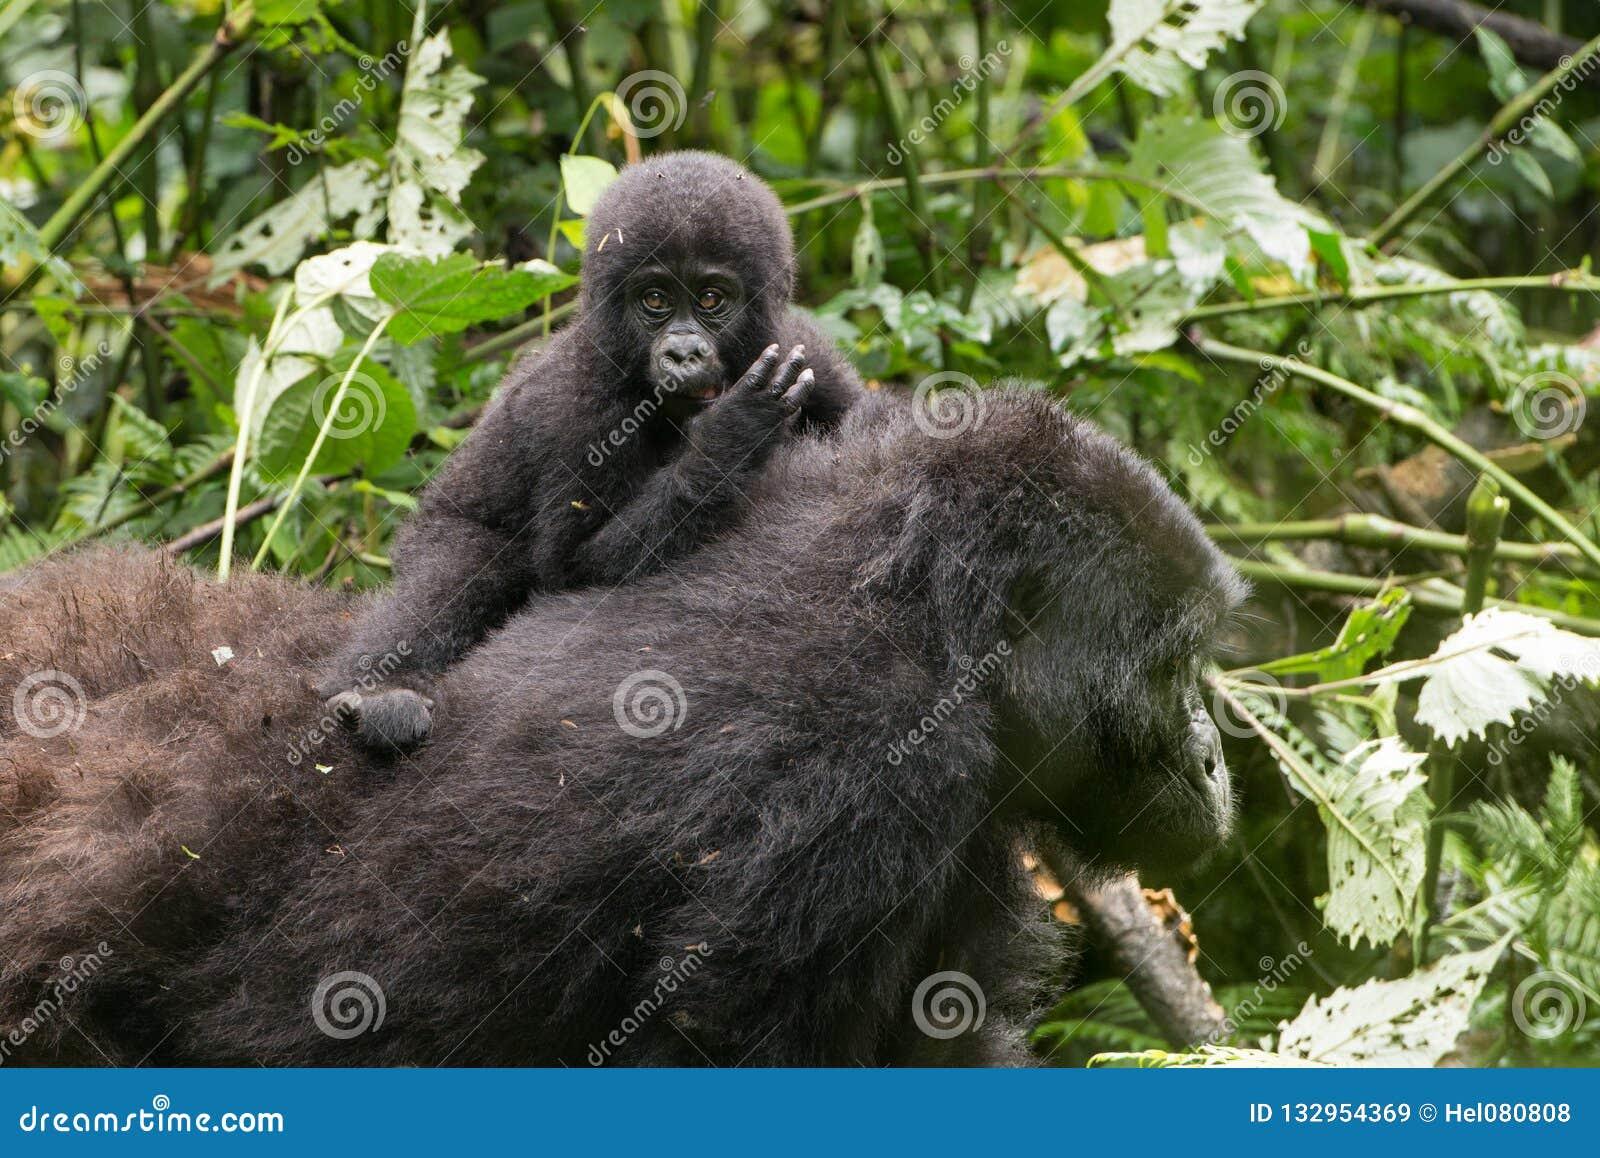 Gorilla Baby on mother`s back, mountain rainforest, Uganda